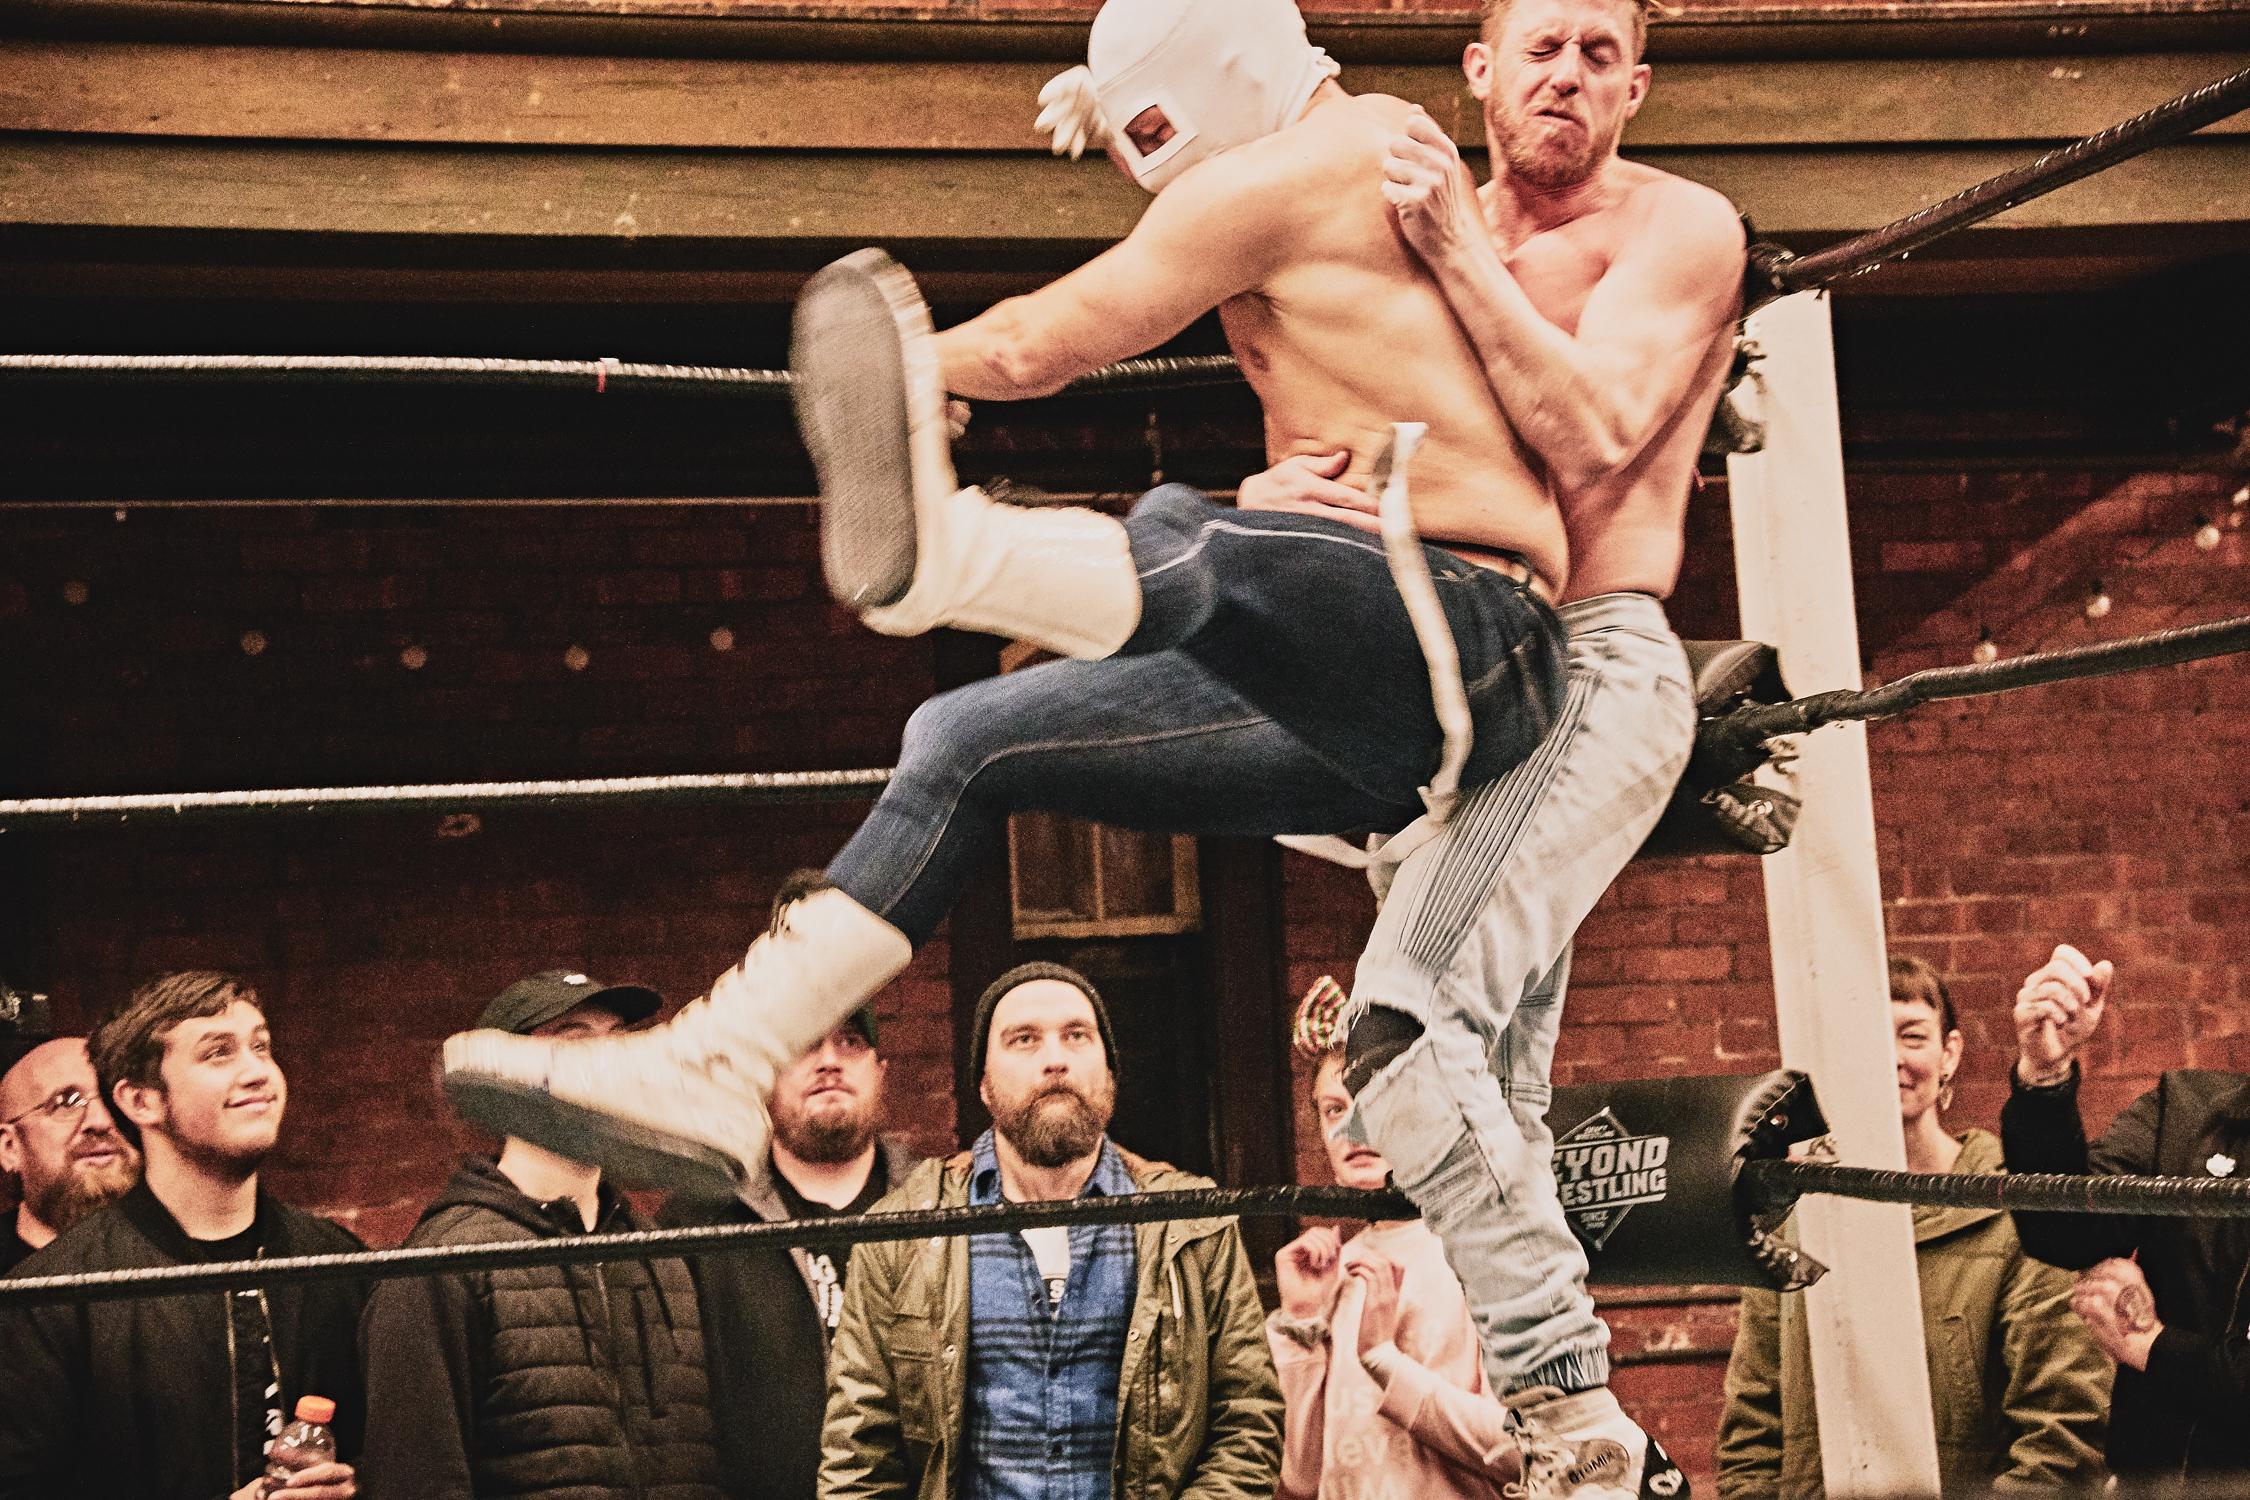 wrestling_9.jpg